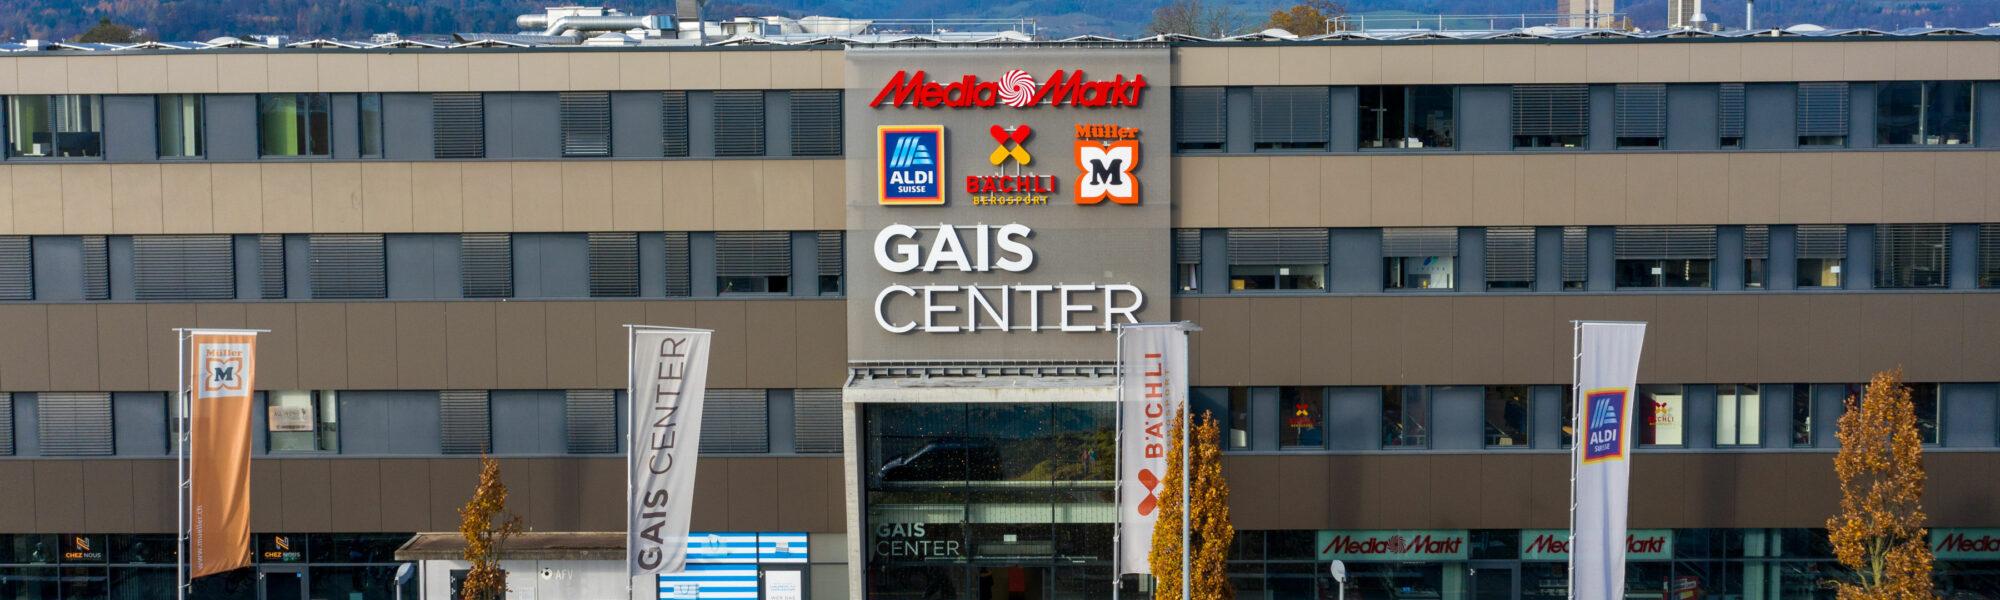 Gais Center Aarau